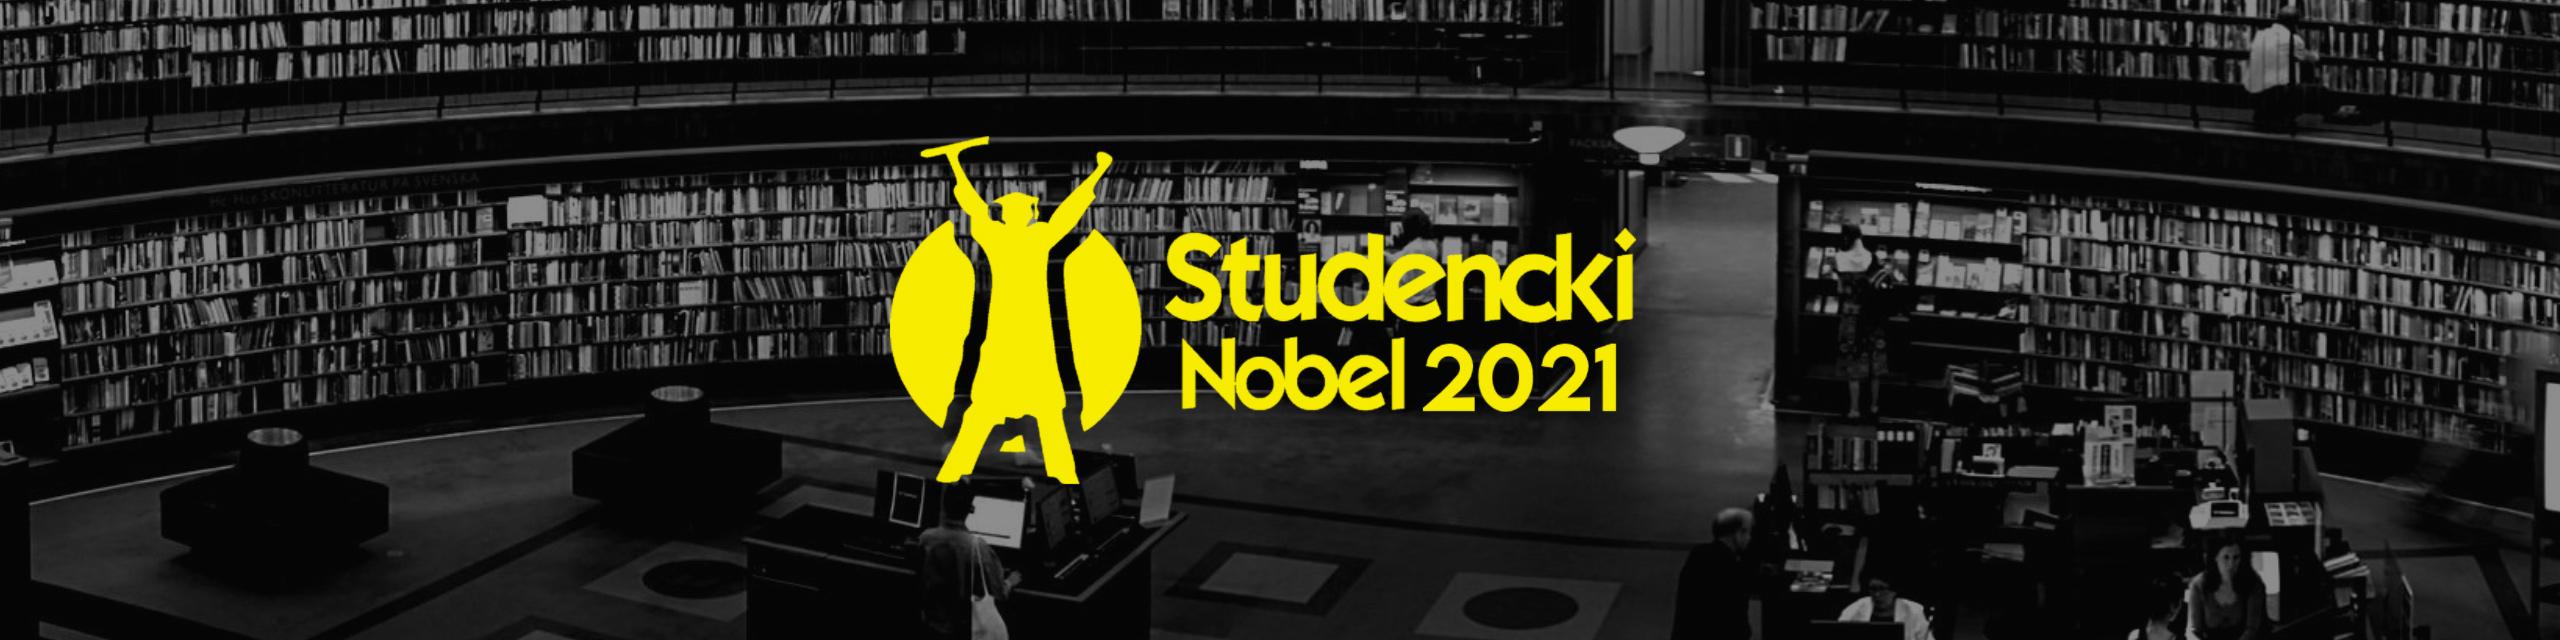 [Aktualizacja] Studencki Nobel